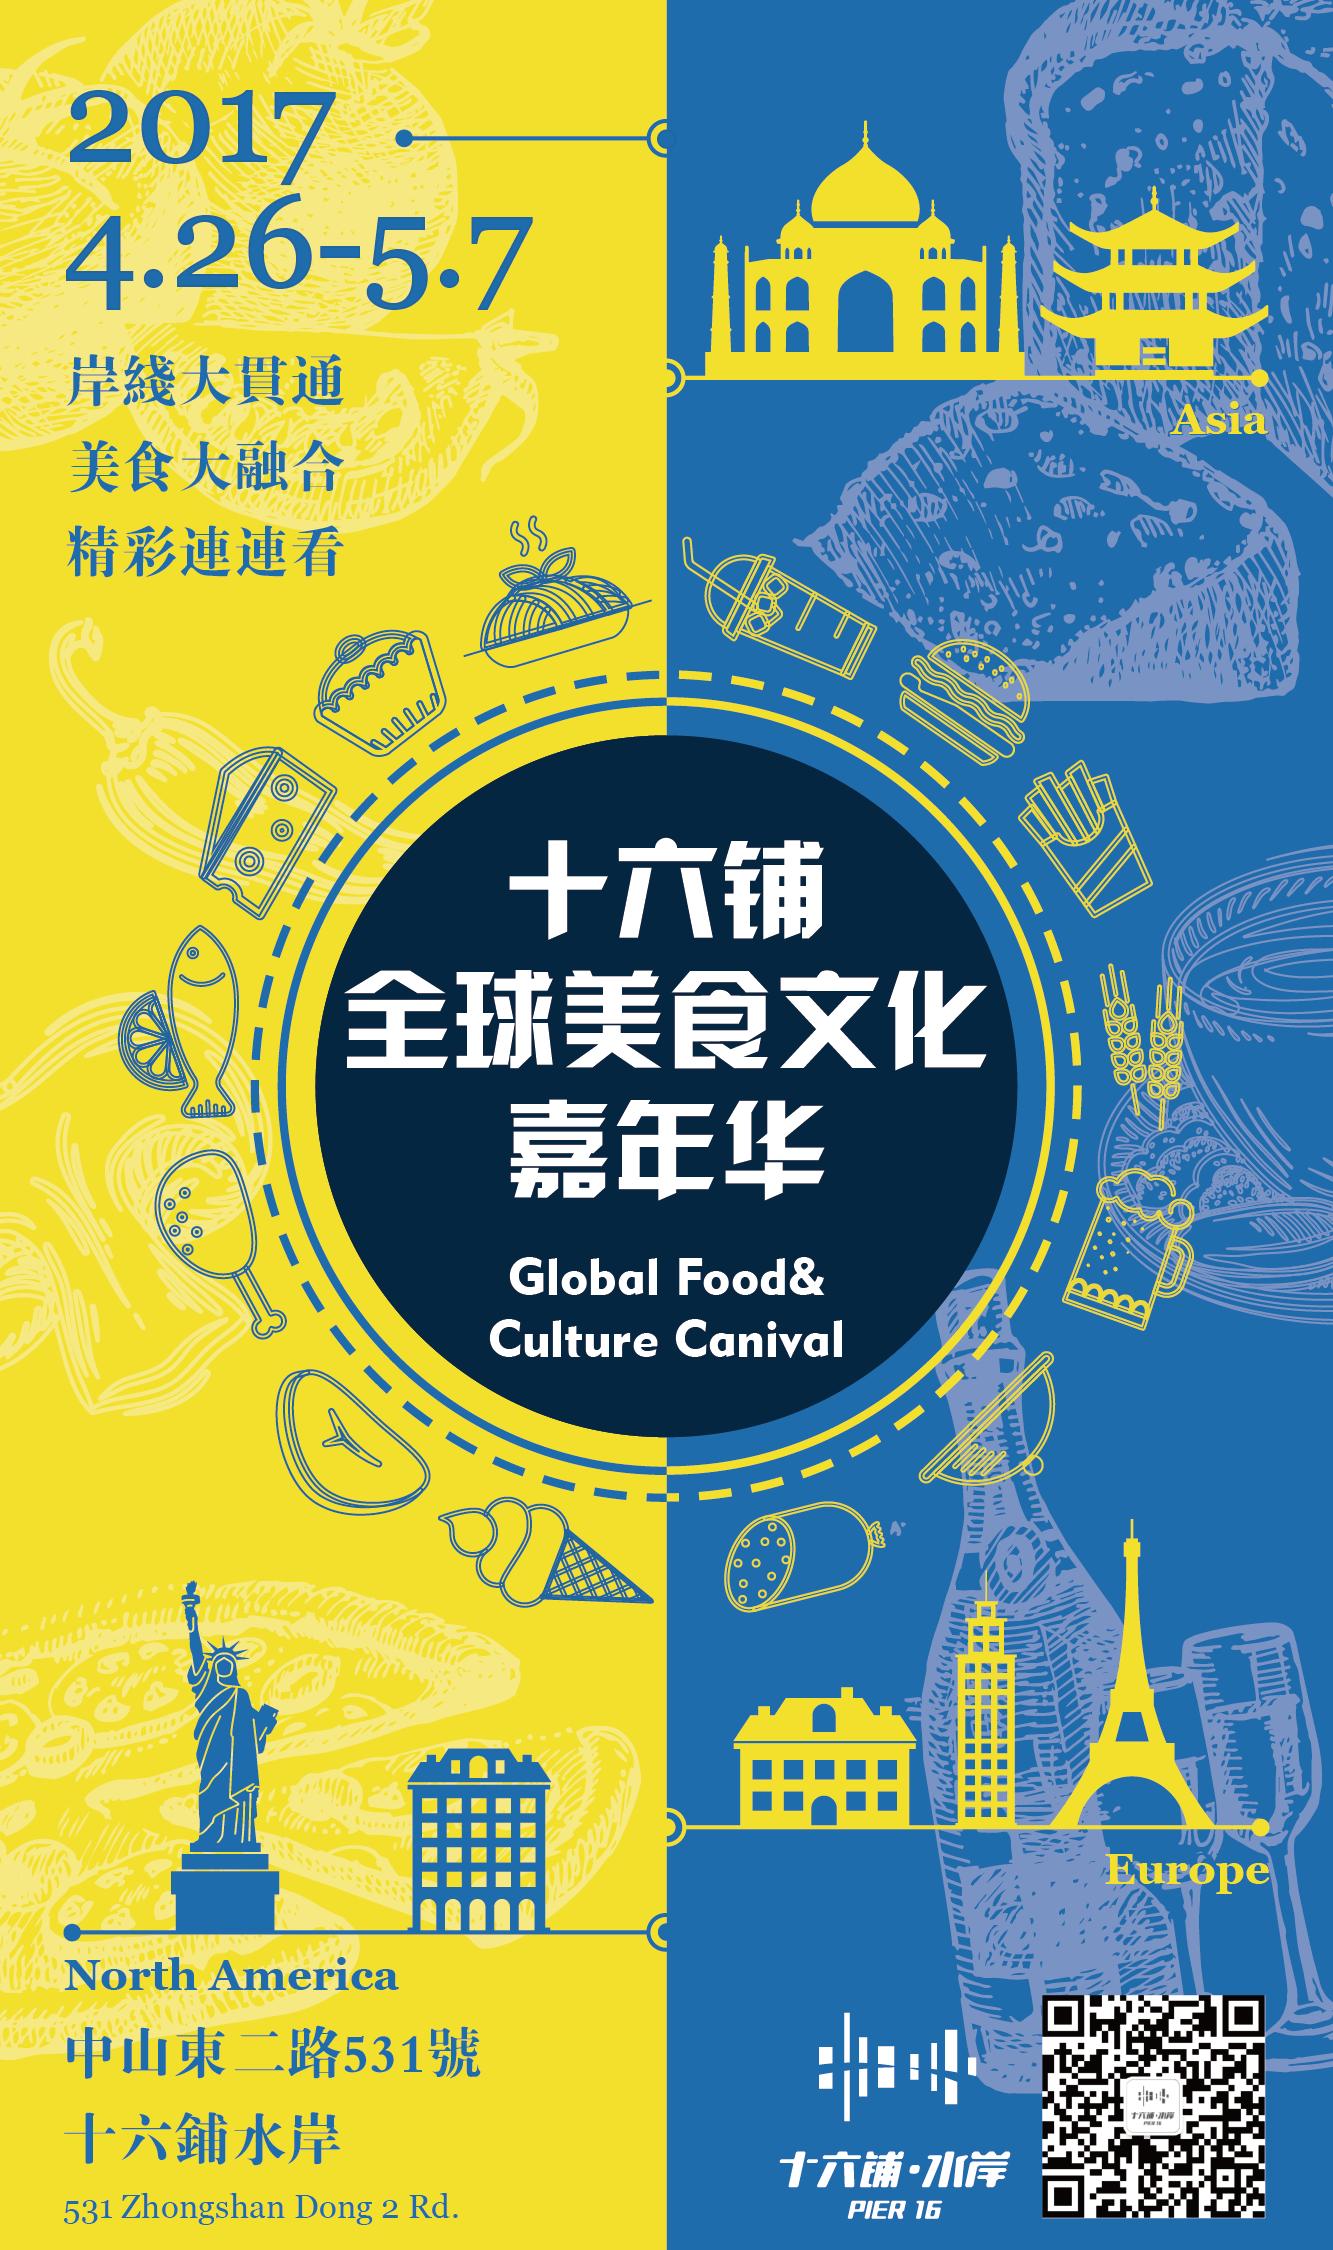 穿越各国领略别样美食,上海十六铺美食嘉年华热力来袭